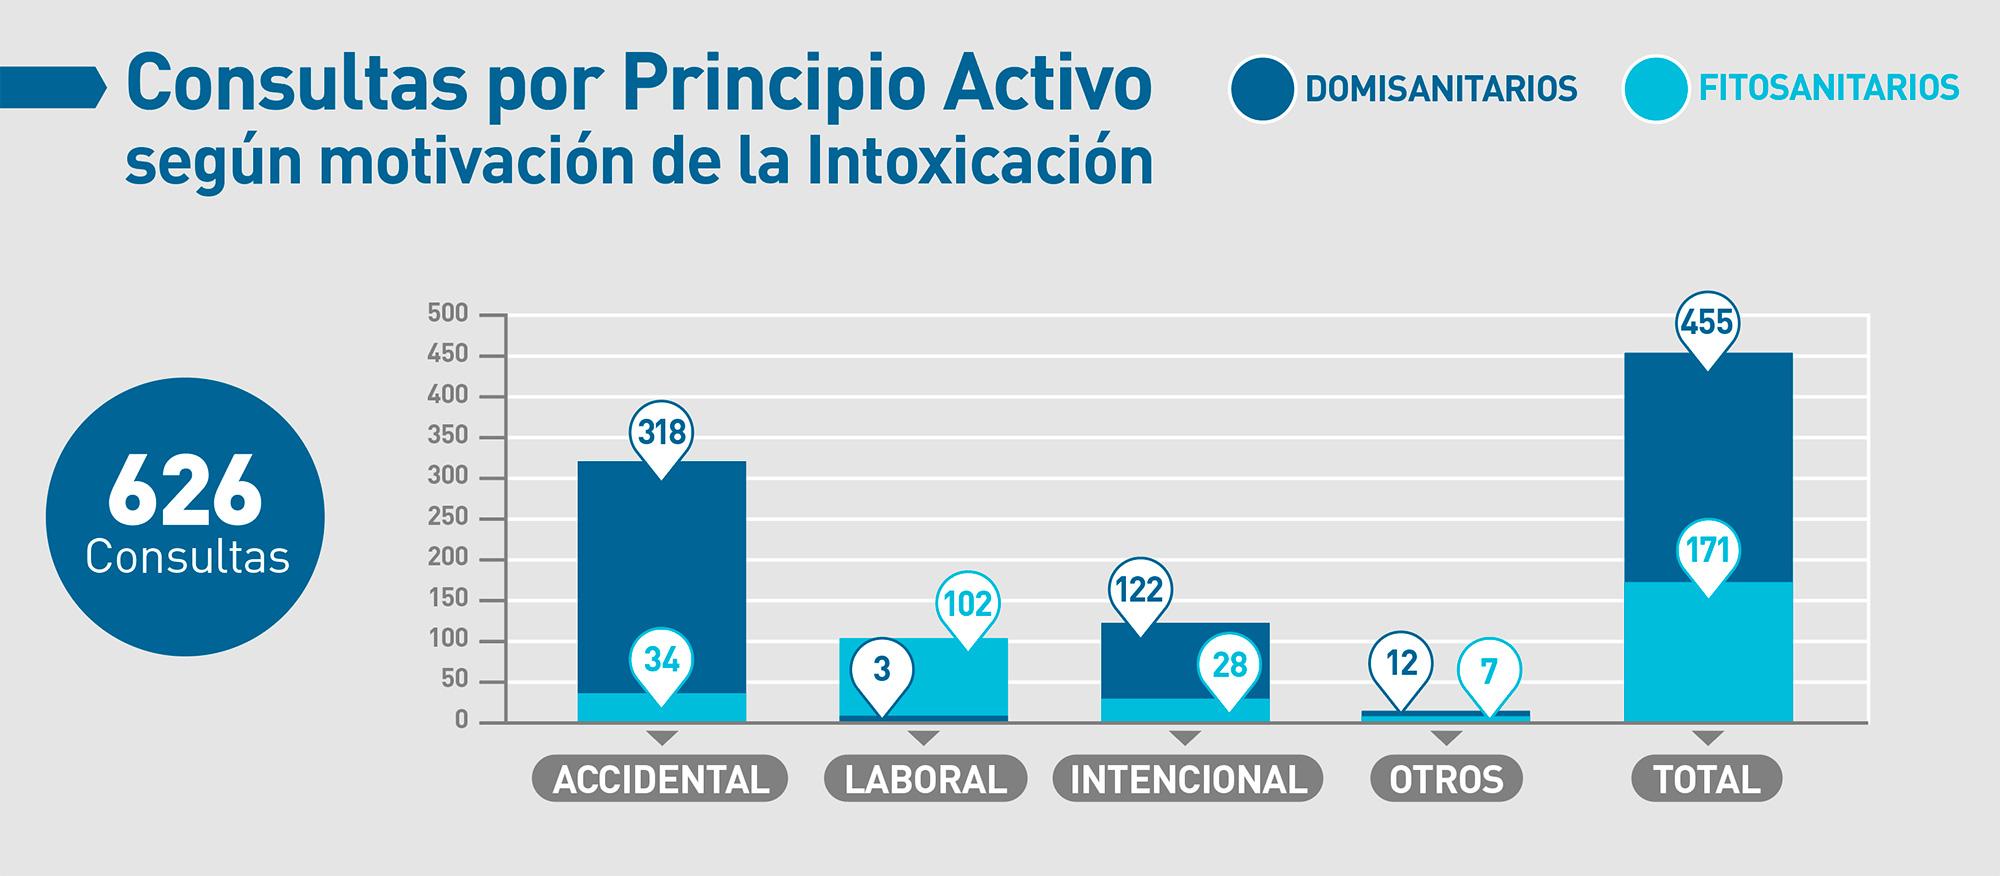 casafe-agroquimicos-y-salud-grafico-04-estadisticas-toxicologicas-2020